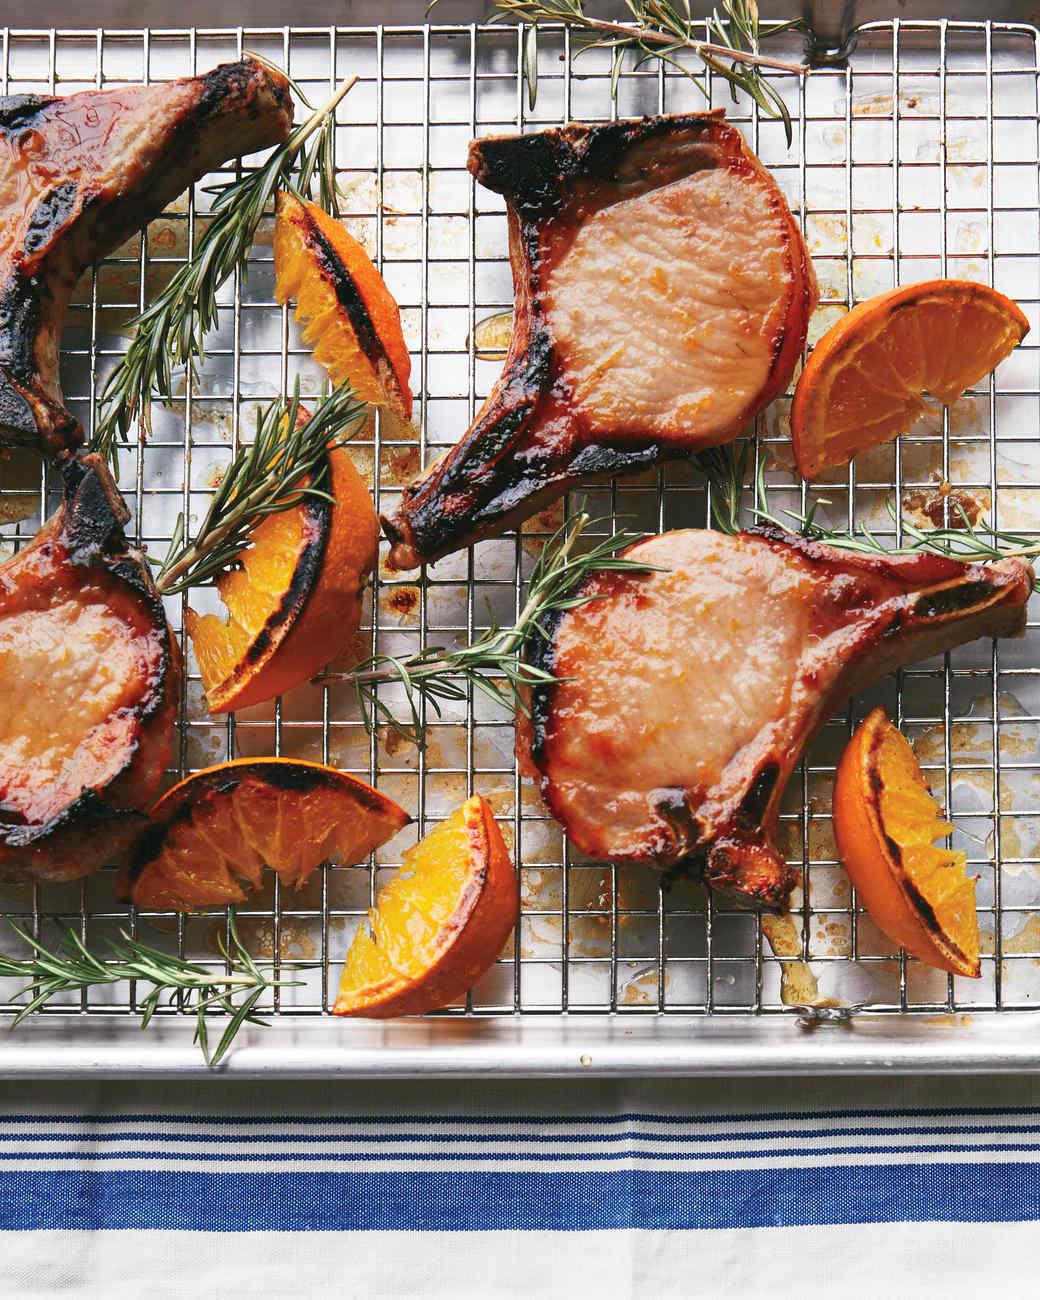 orange-rosemary-pork-chops-036-med109951.jpg